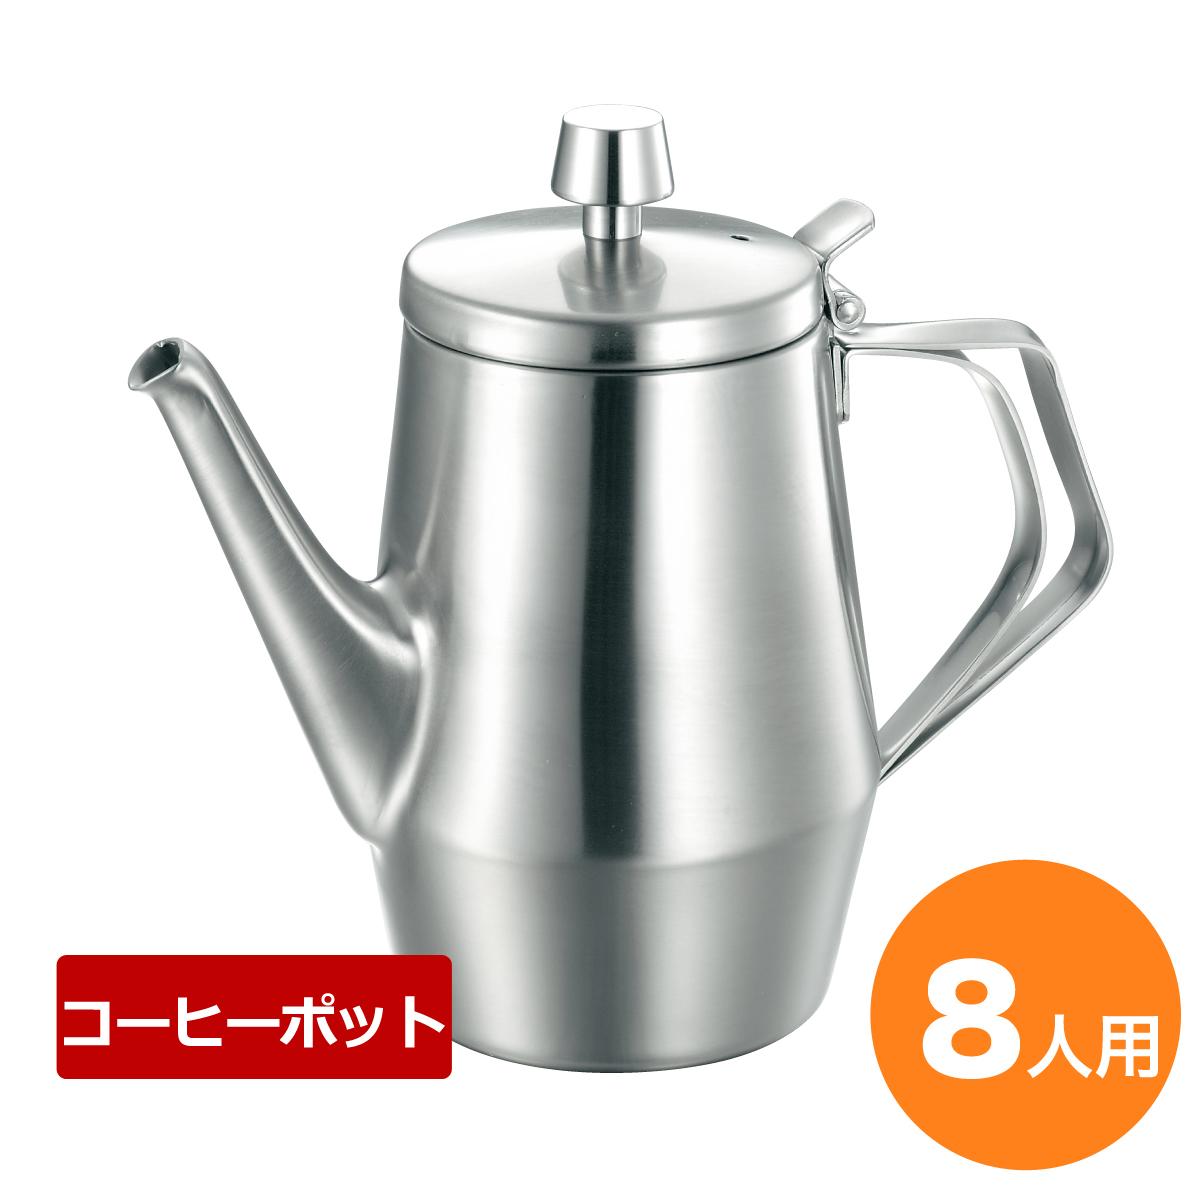 仔犬印 エルム型 コーヒーポット スチール 8人用